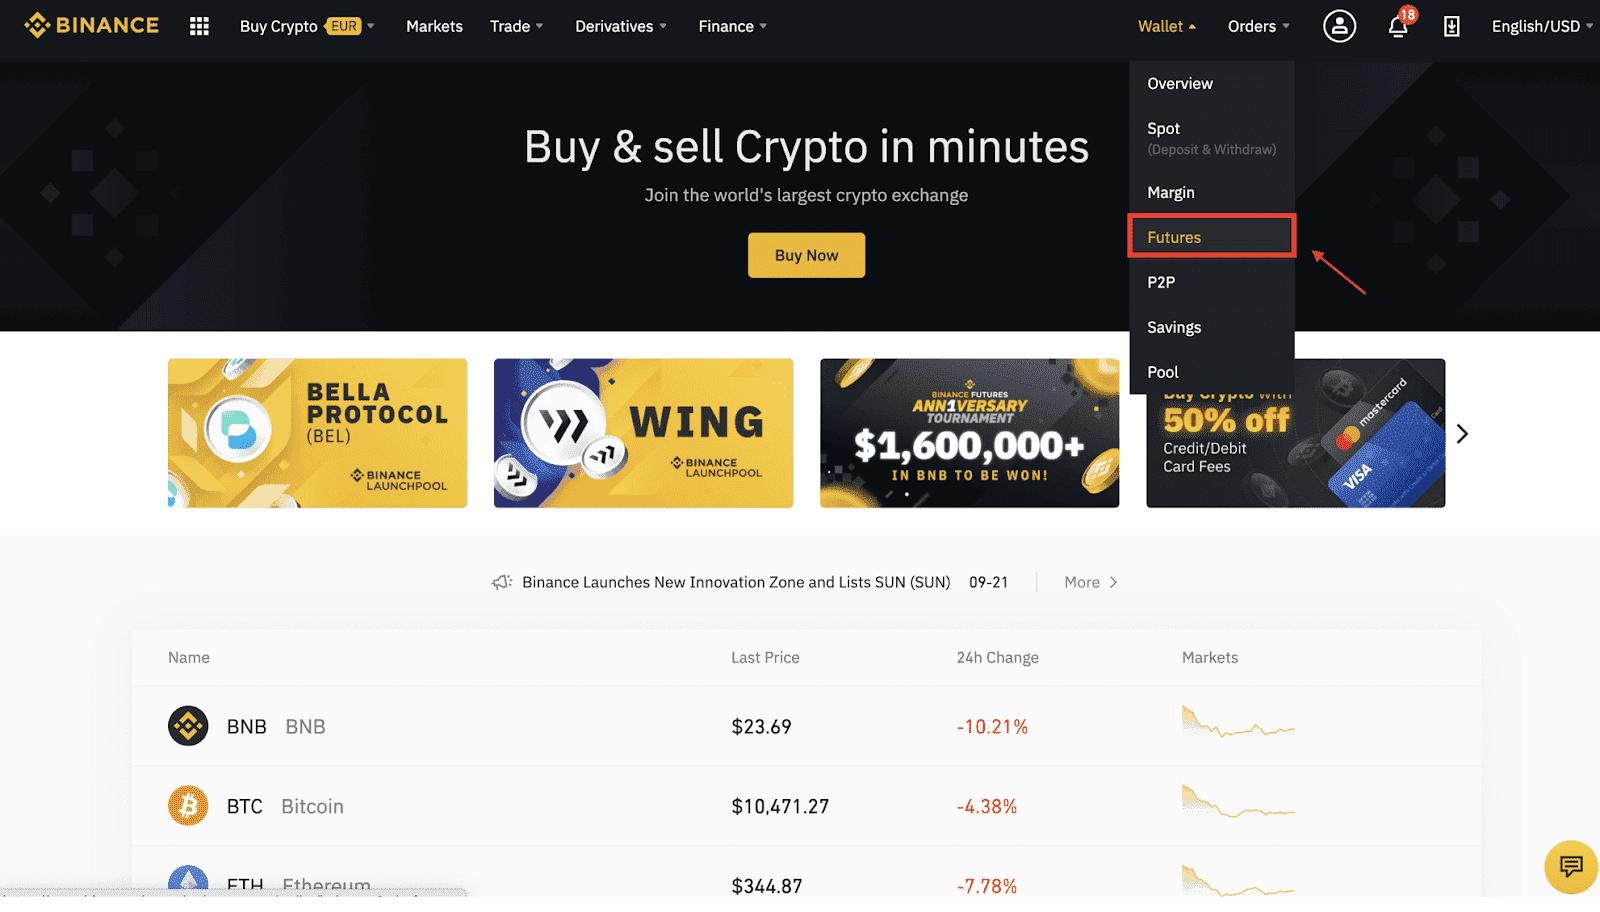 come il commercio ethereum a bitcoin su binance)